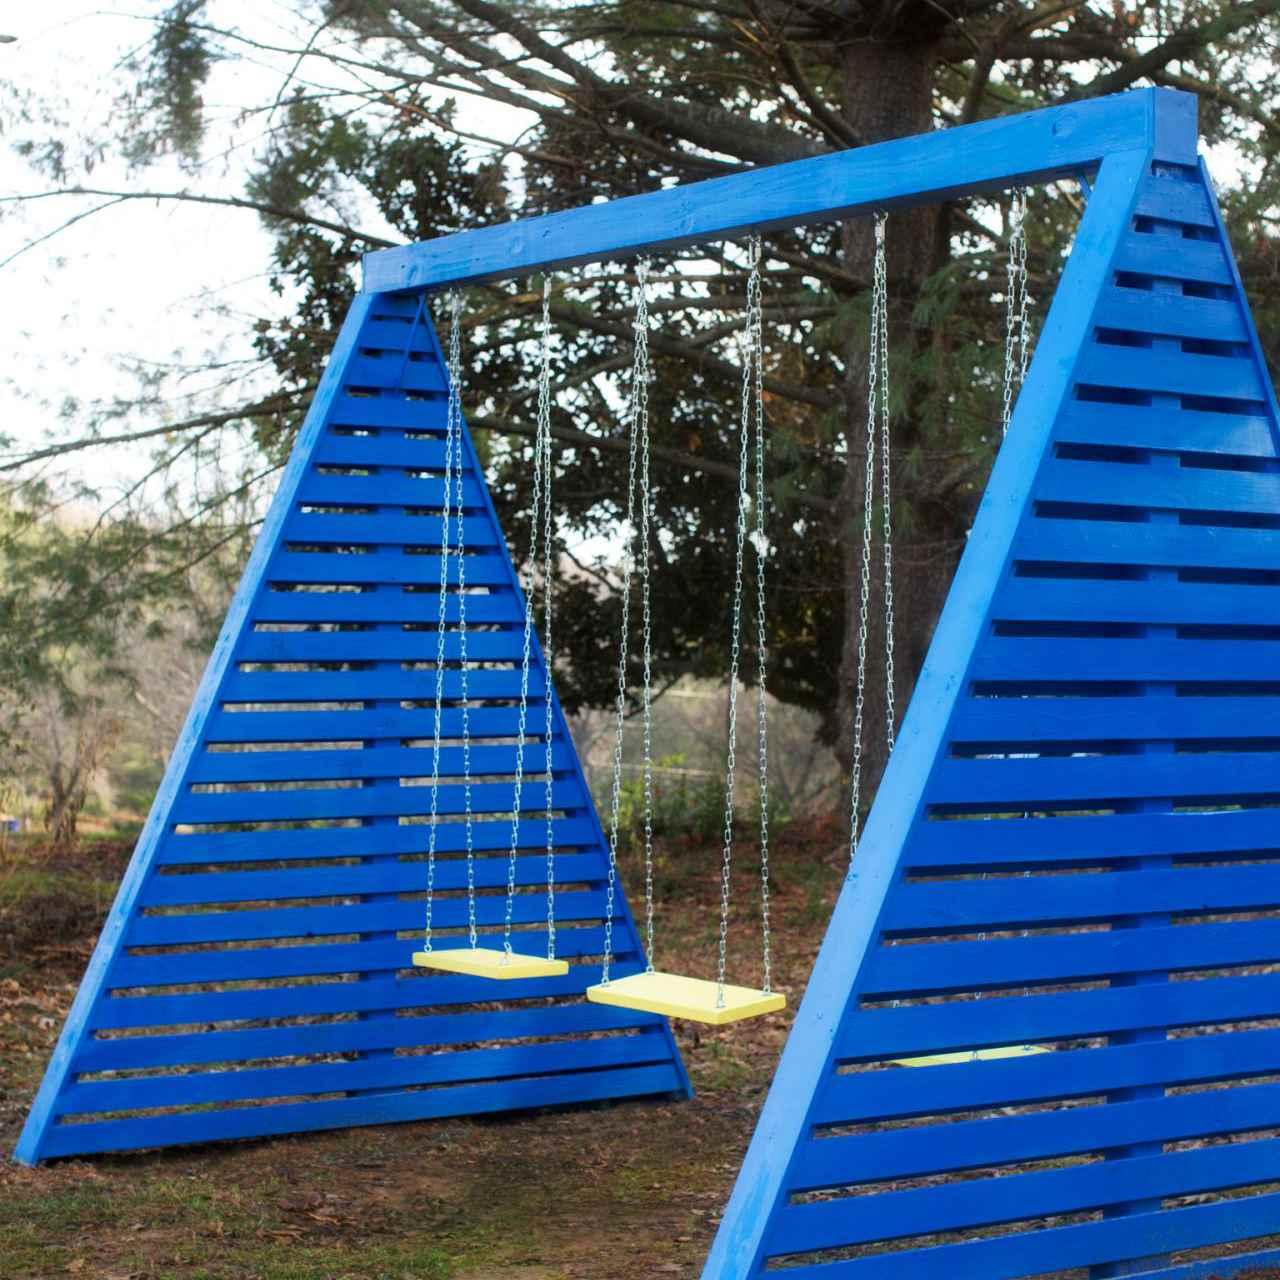 A modern a-frame swing set